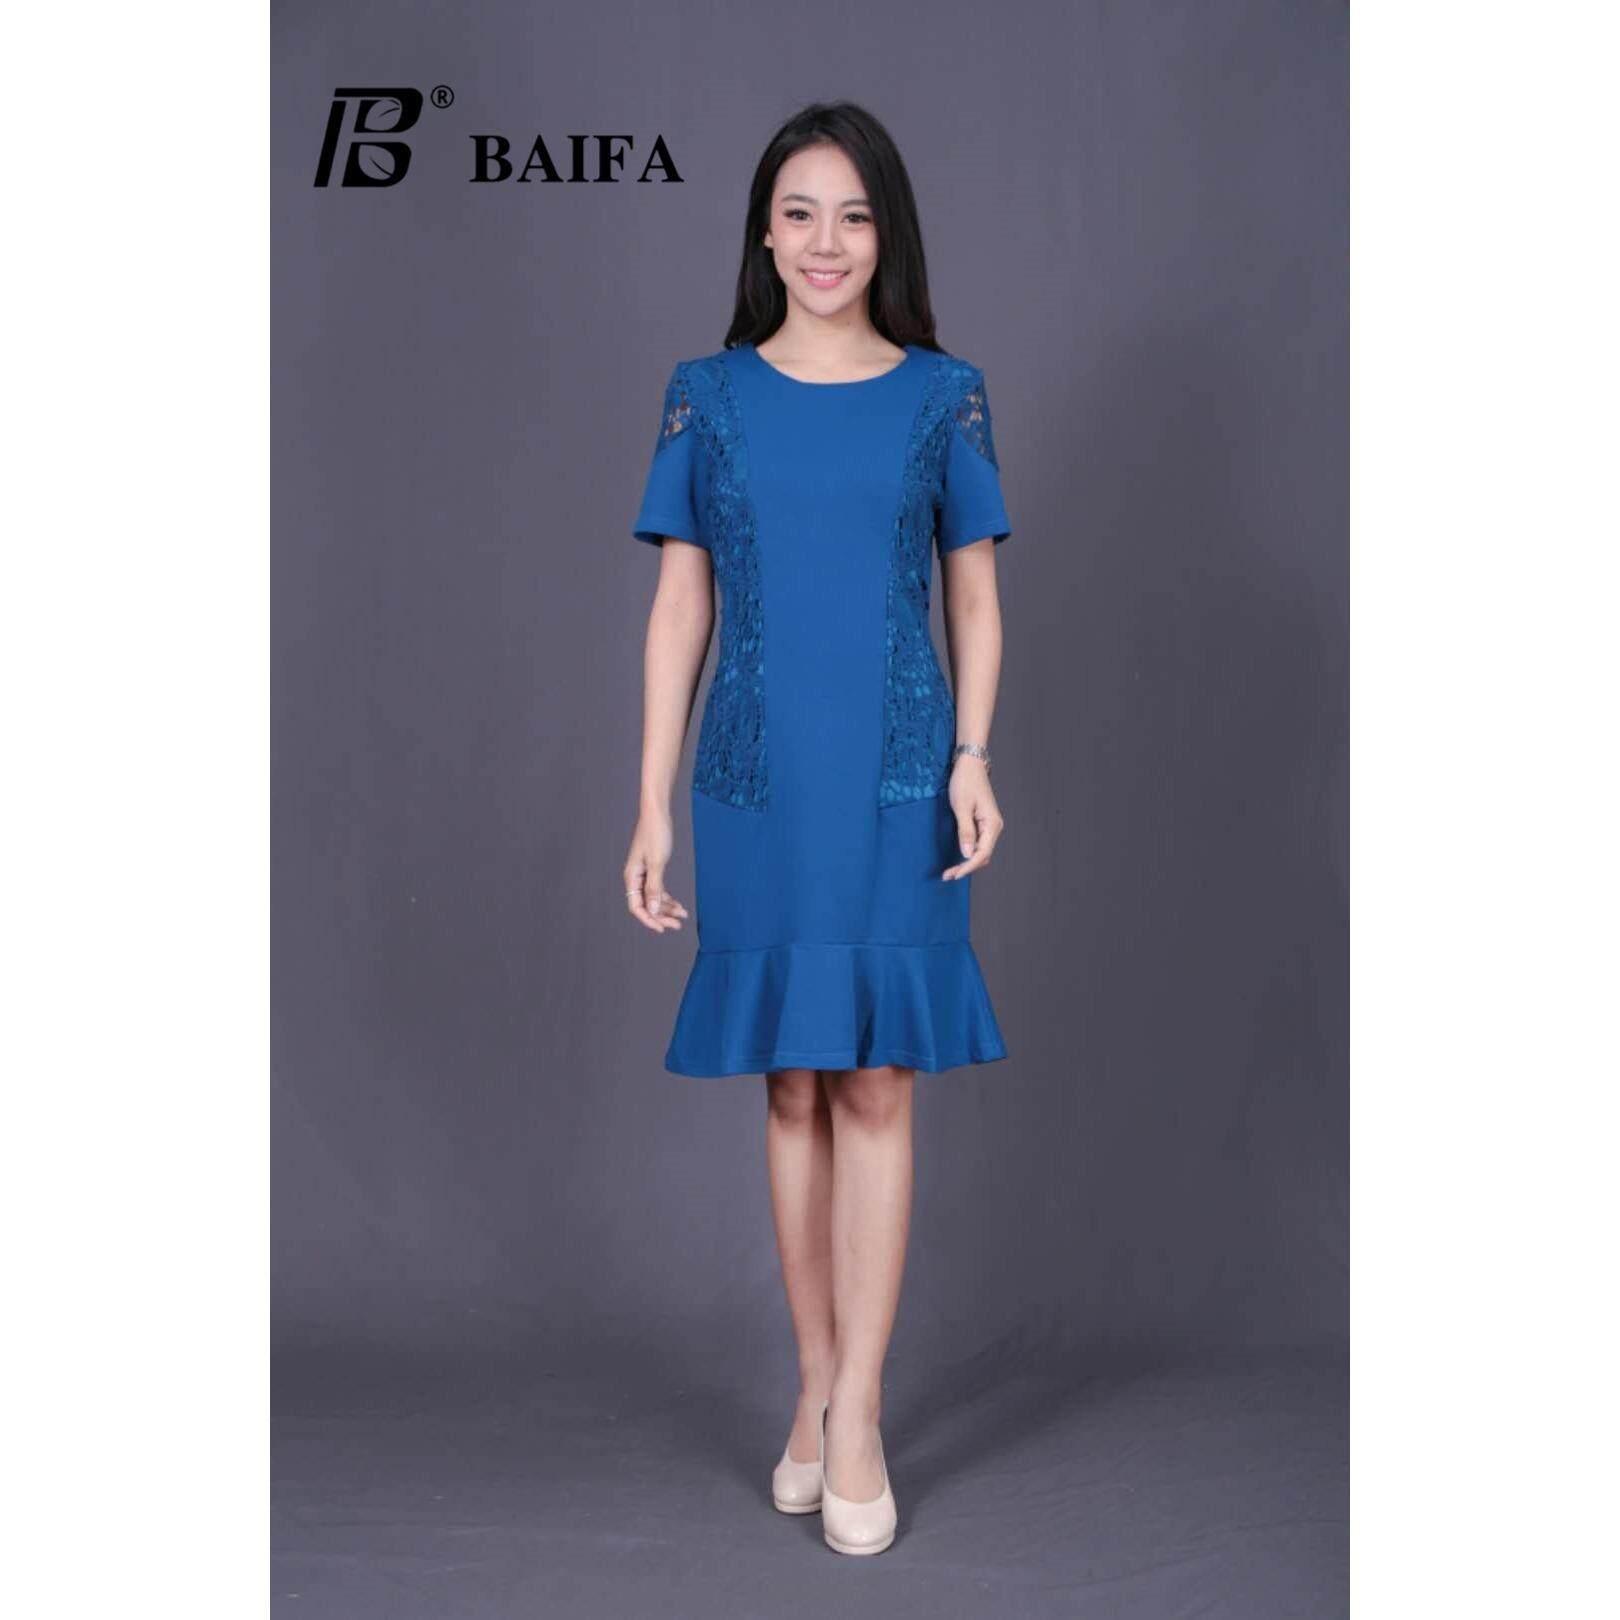 ราคา Baifa Shop รุ่น A3390 งานสวยเหมือนแบบ ใส่ได้หลายโอกาส ชุดไปงาน เดรสออกงานหรูหราลายสวยทั้งตัวค่ะ เสื้อผ้าแฟชั้น เดรสแฟชั่น เดรสกระโปรง เดรสผู้หญิง